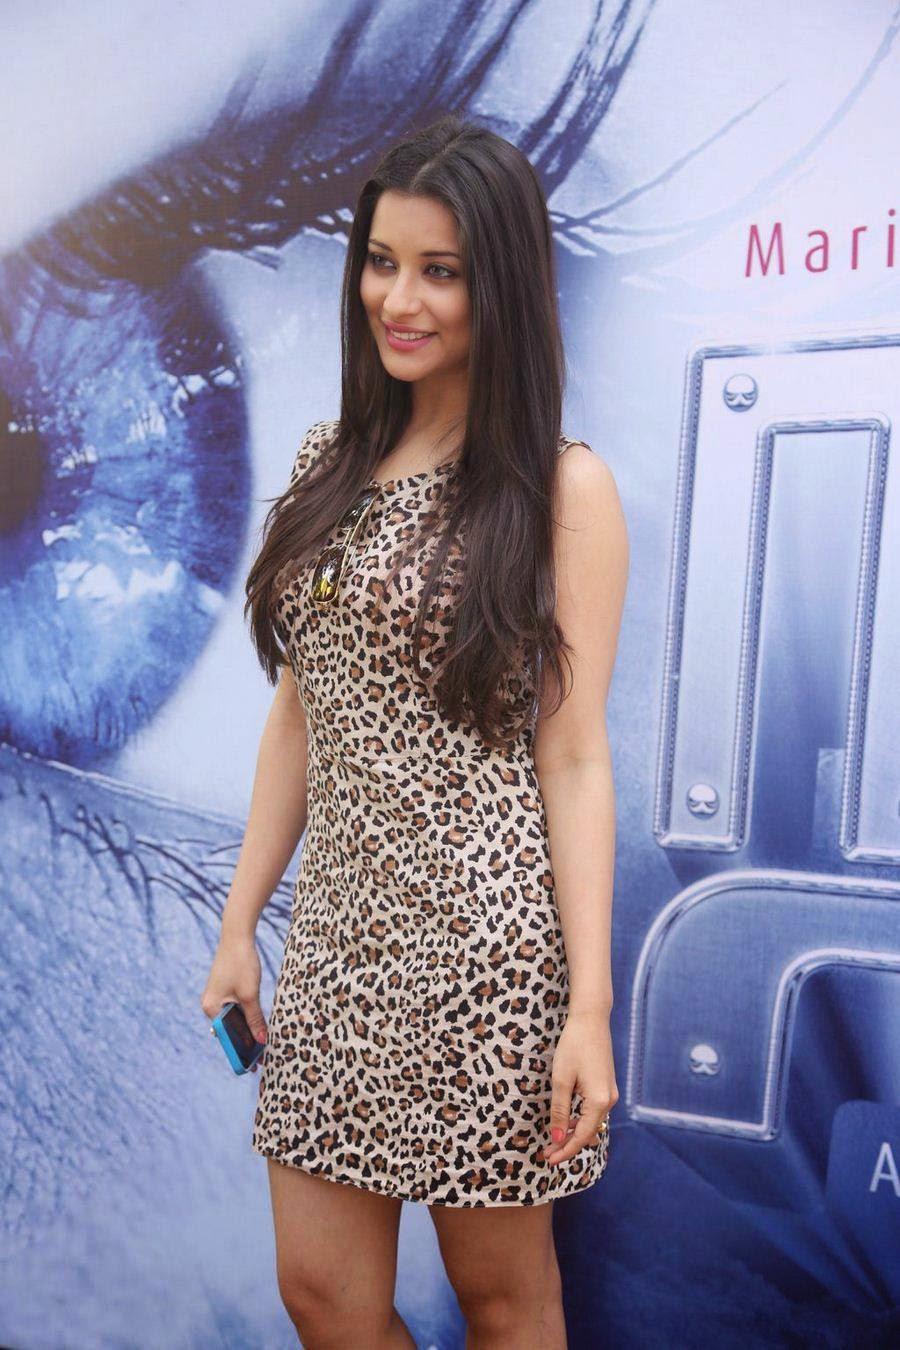 Actress MADHURIMA pics